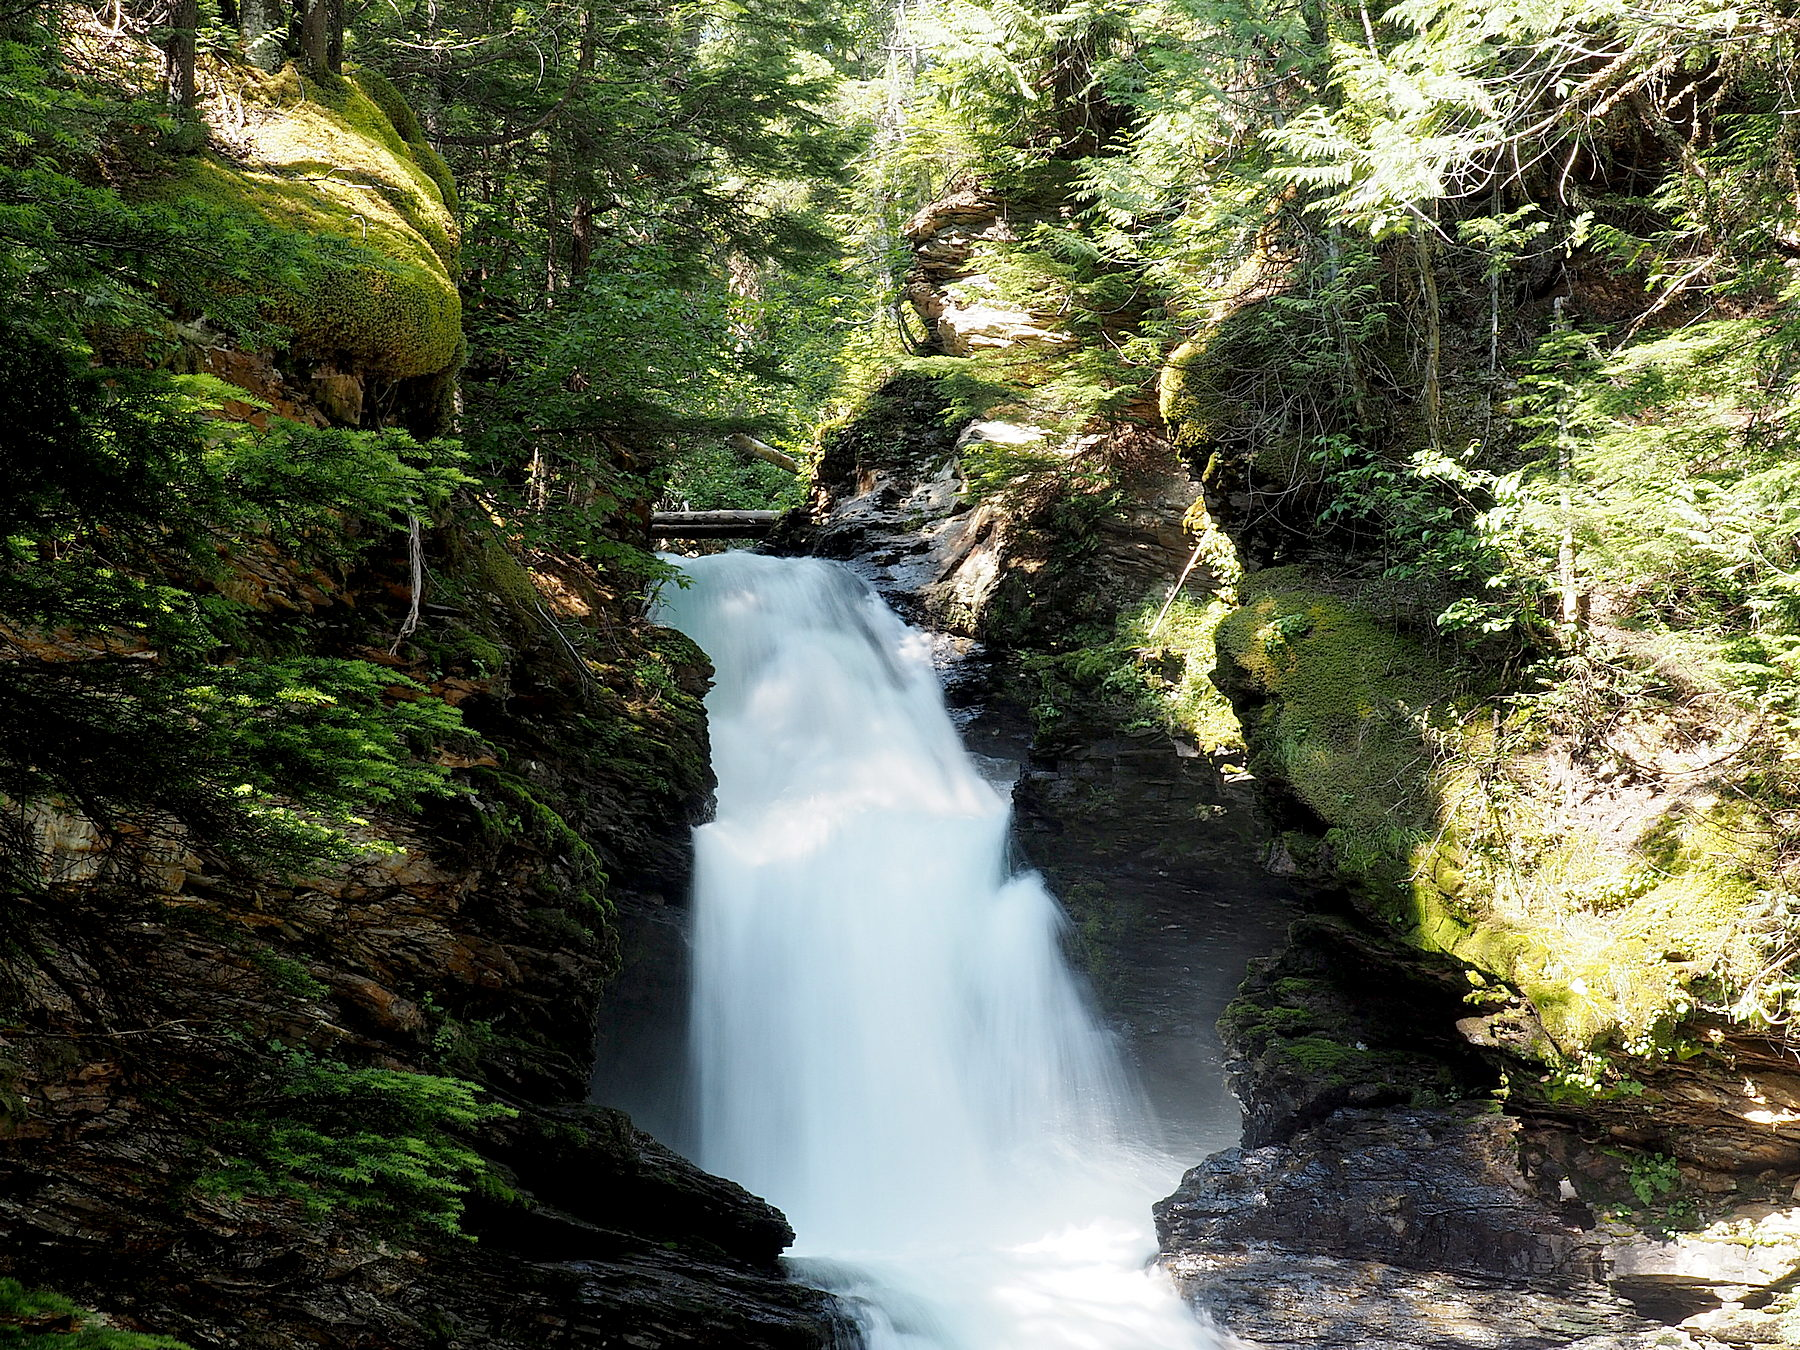 Schöner kleiner Sticta Wasserfall